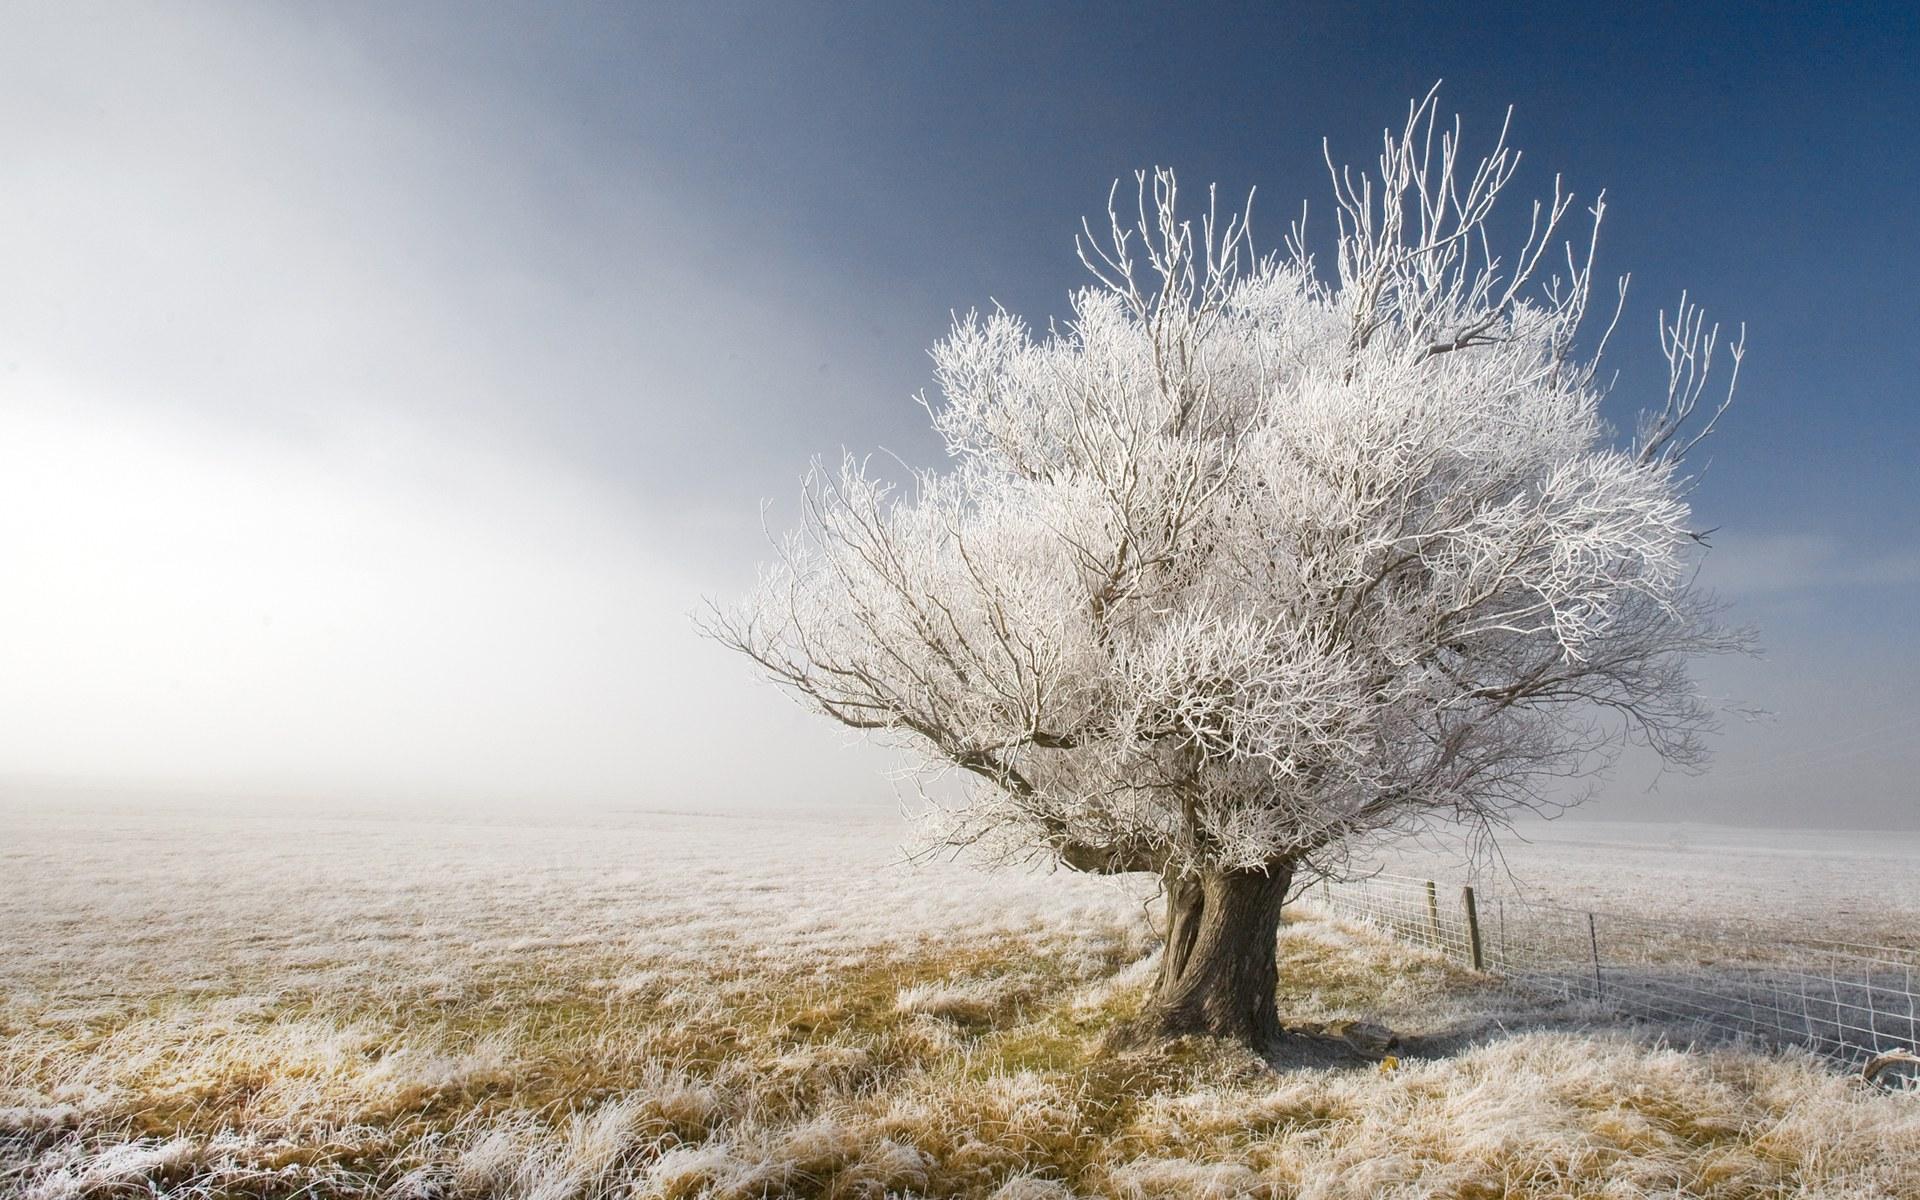 Download: A Frosty Tree HD Wallpaper